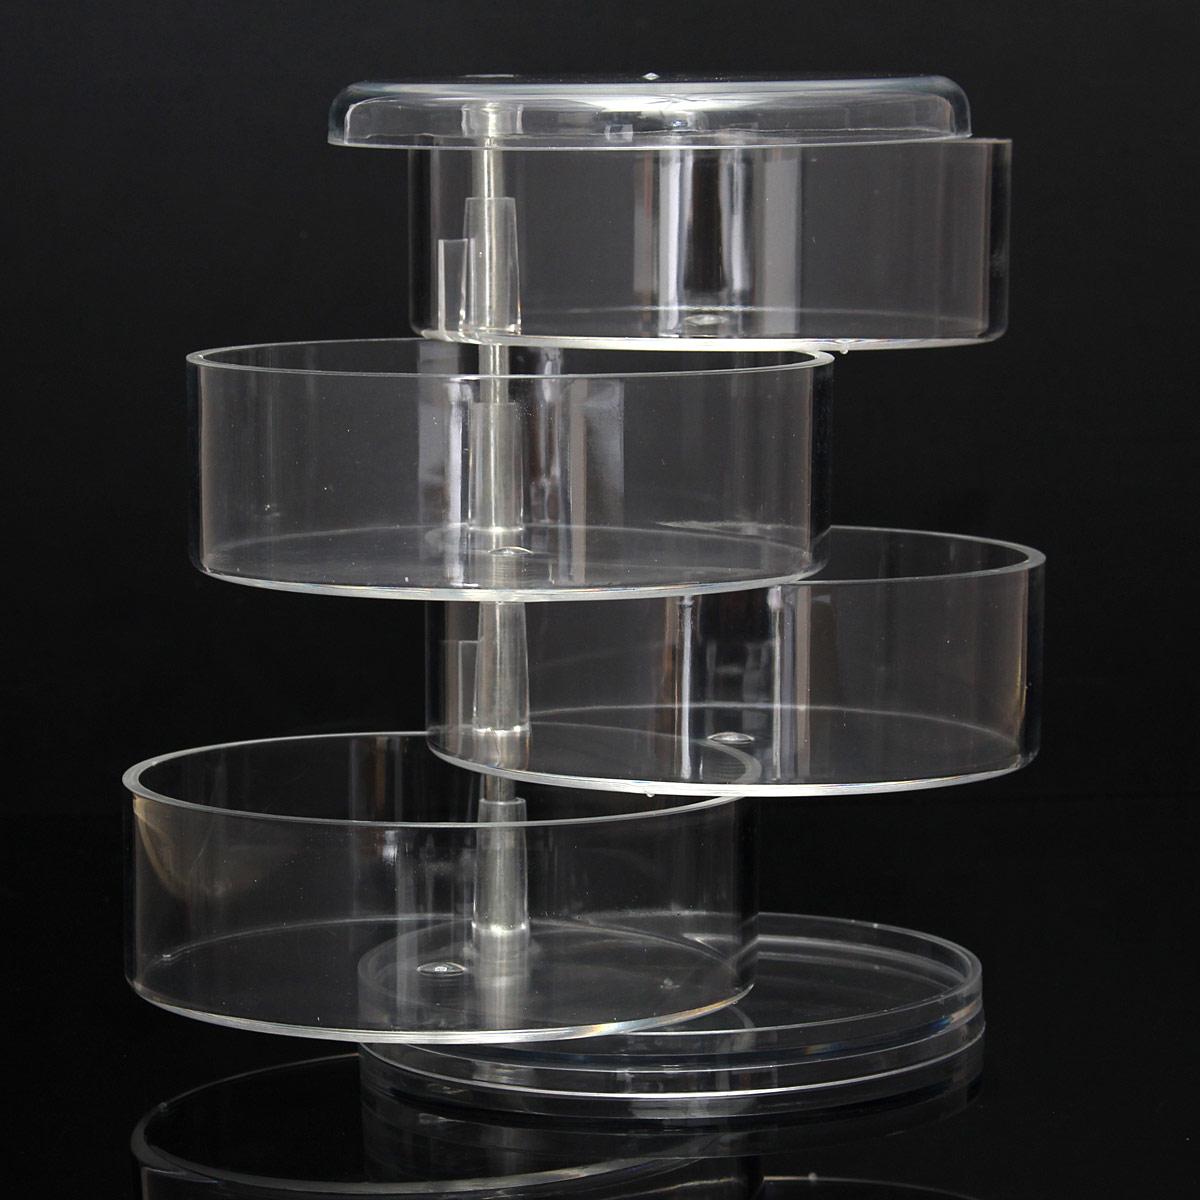 Contenitore-Espositore-Organizer-Porta-Make-Up-Trucco-Gioielli-Storage-Stand-UK miniatura 17